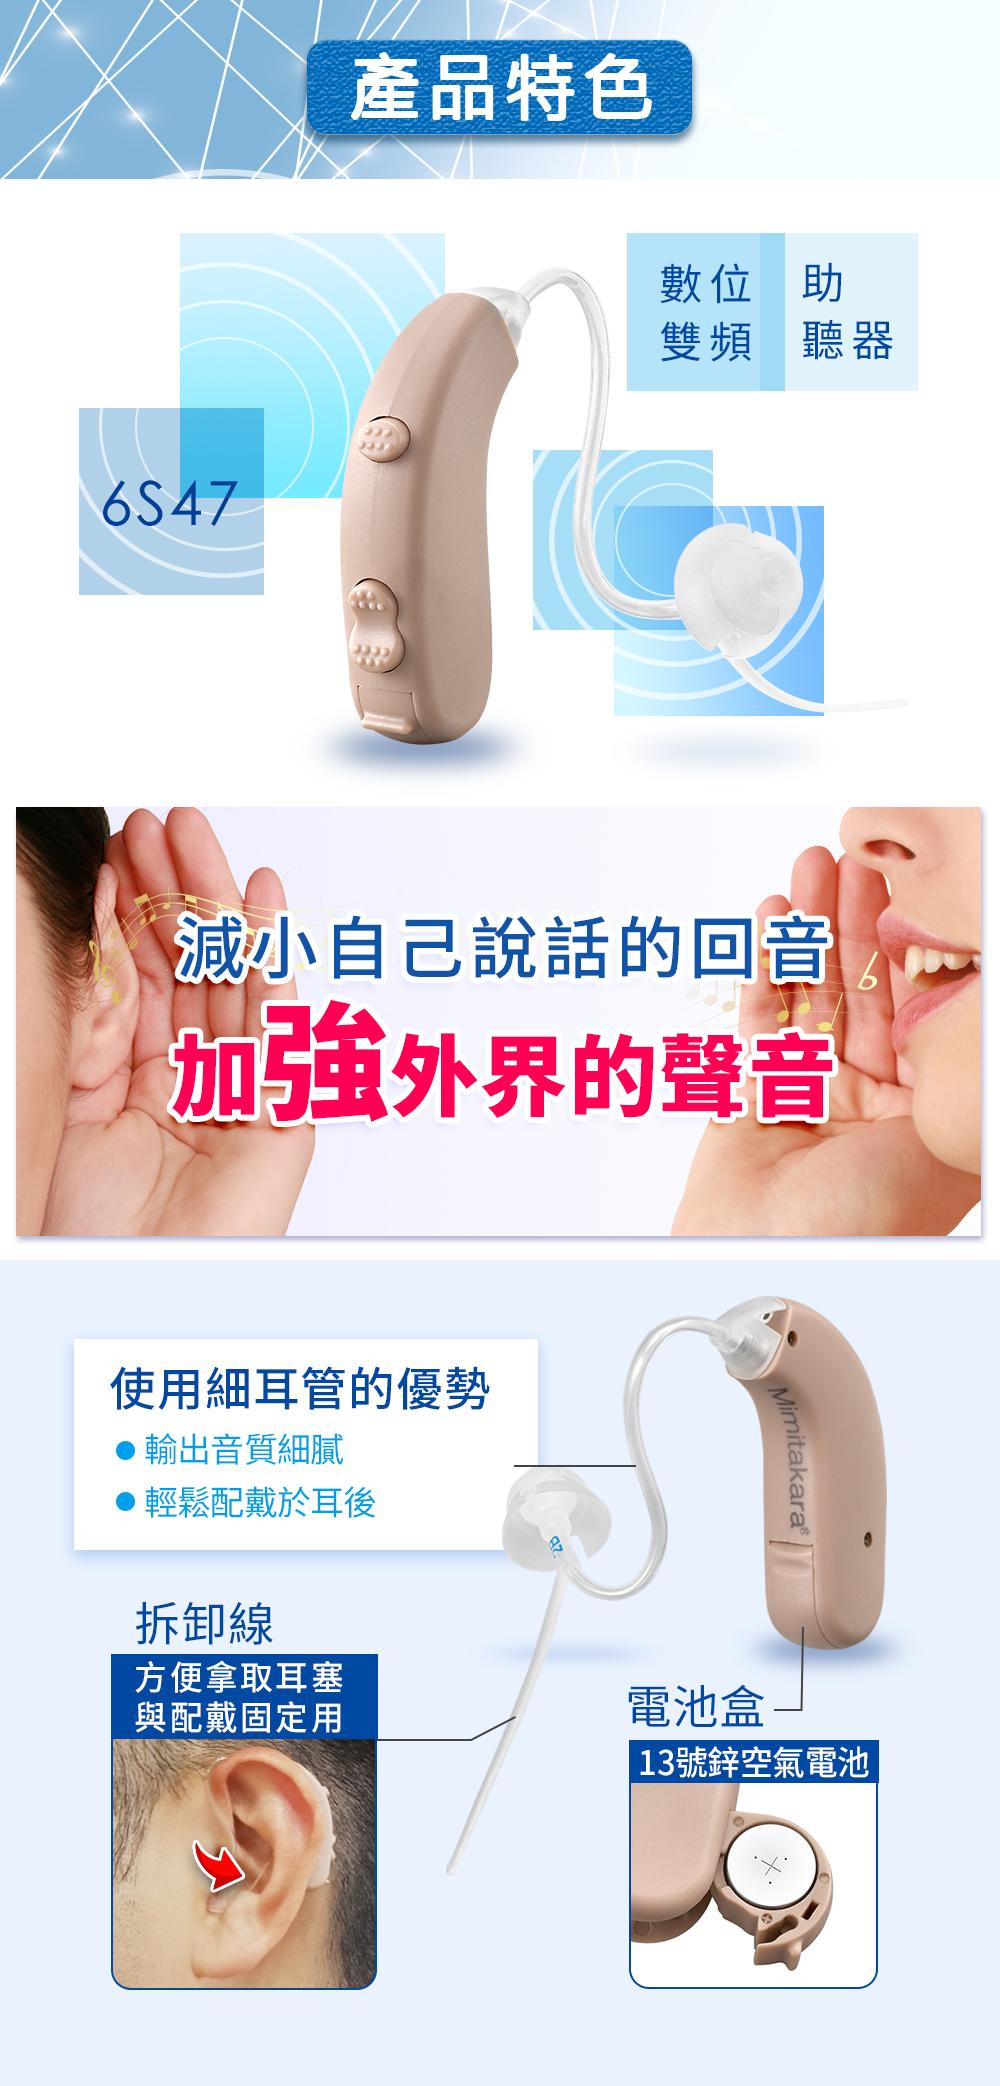 耳寶,6S47,補助資訊,助聽器